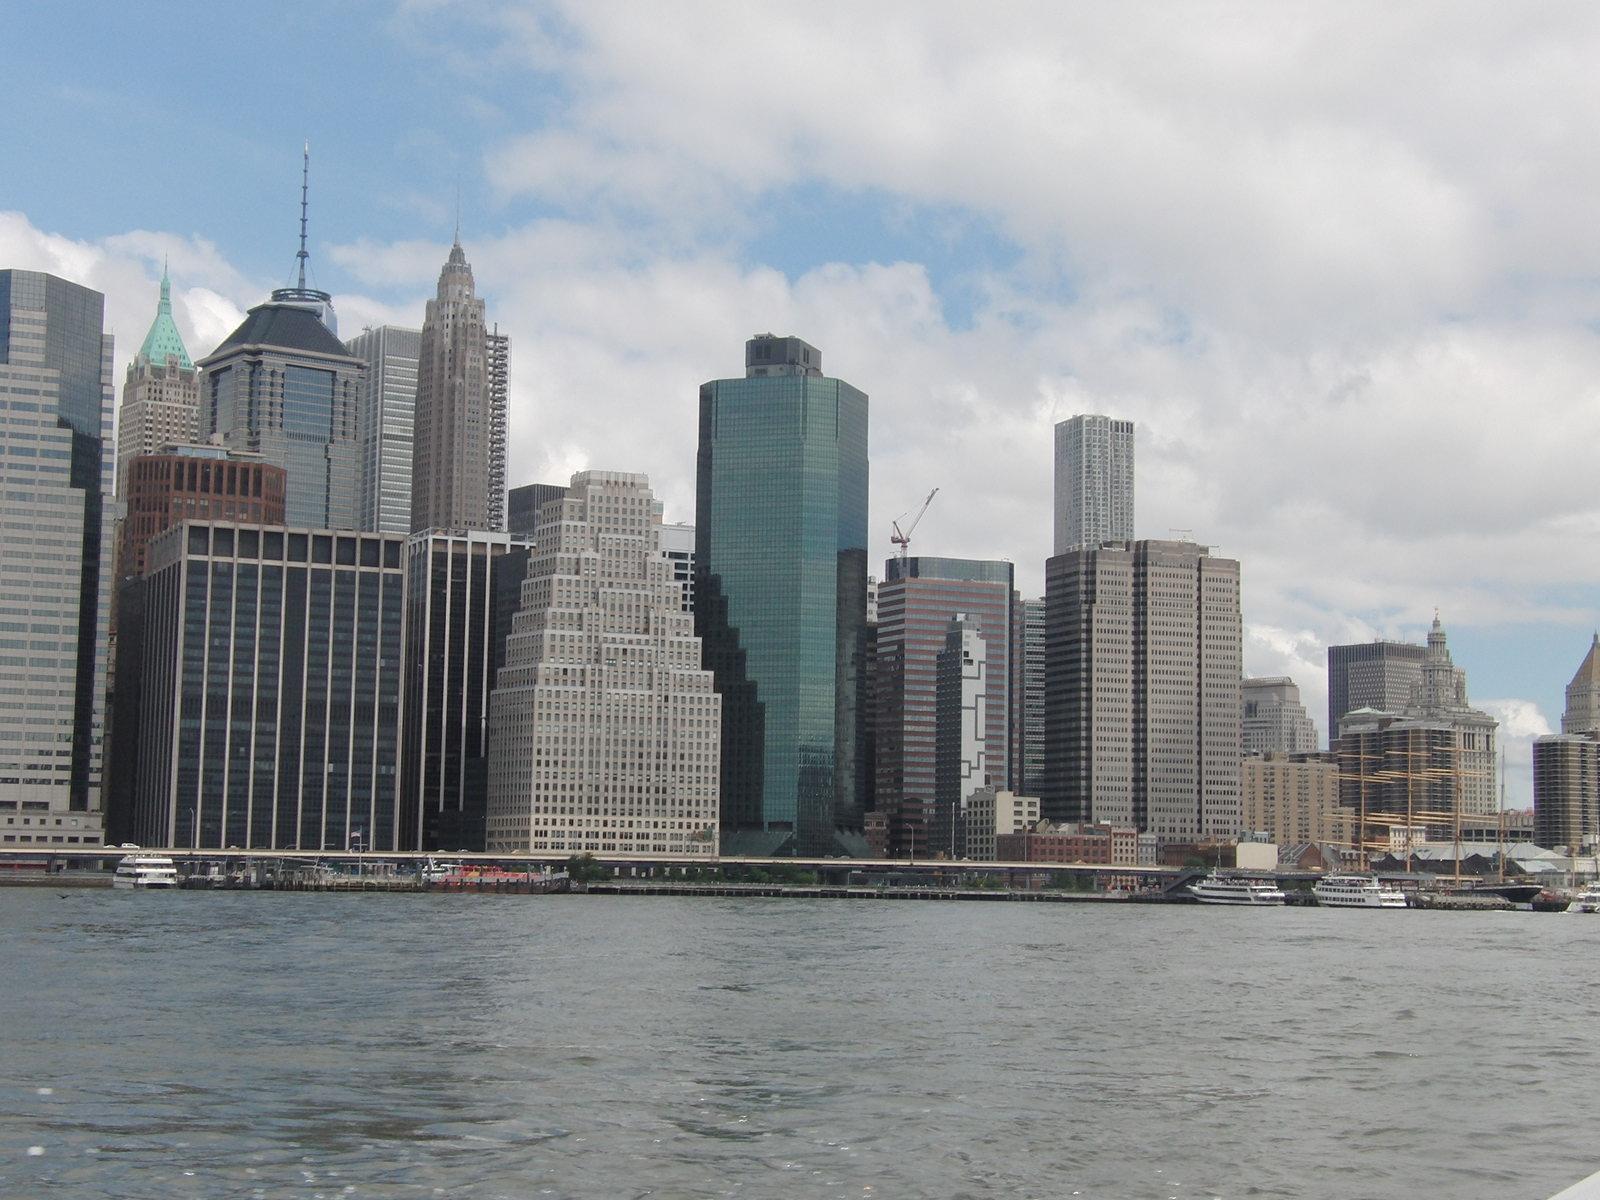 imagens de prédios dos EUA